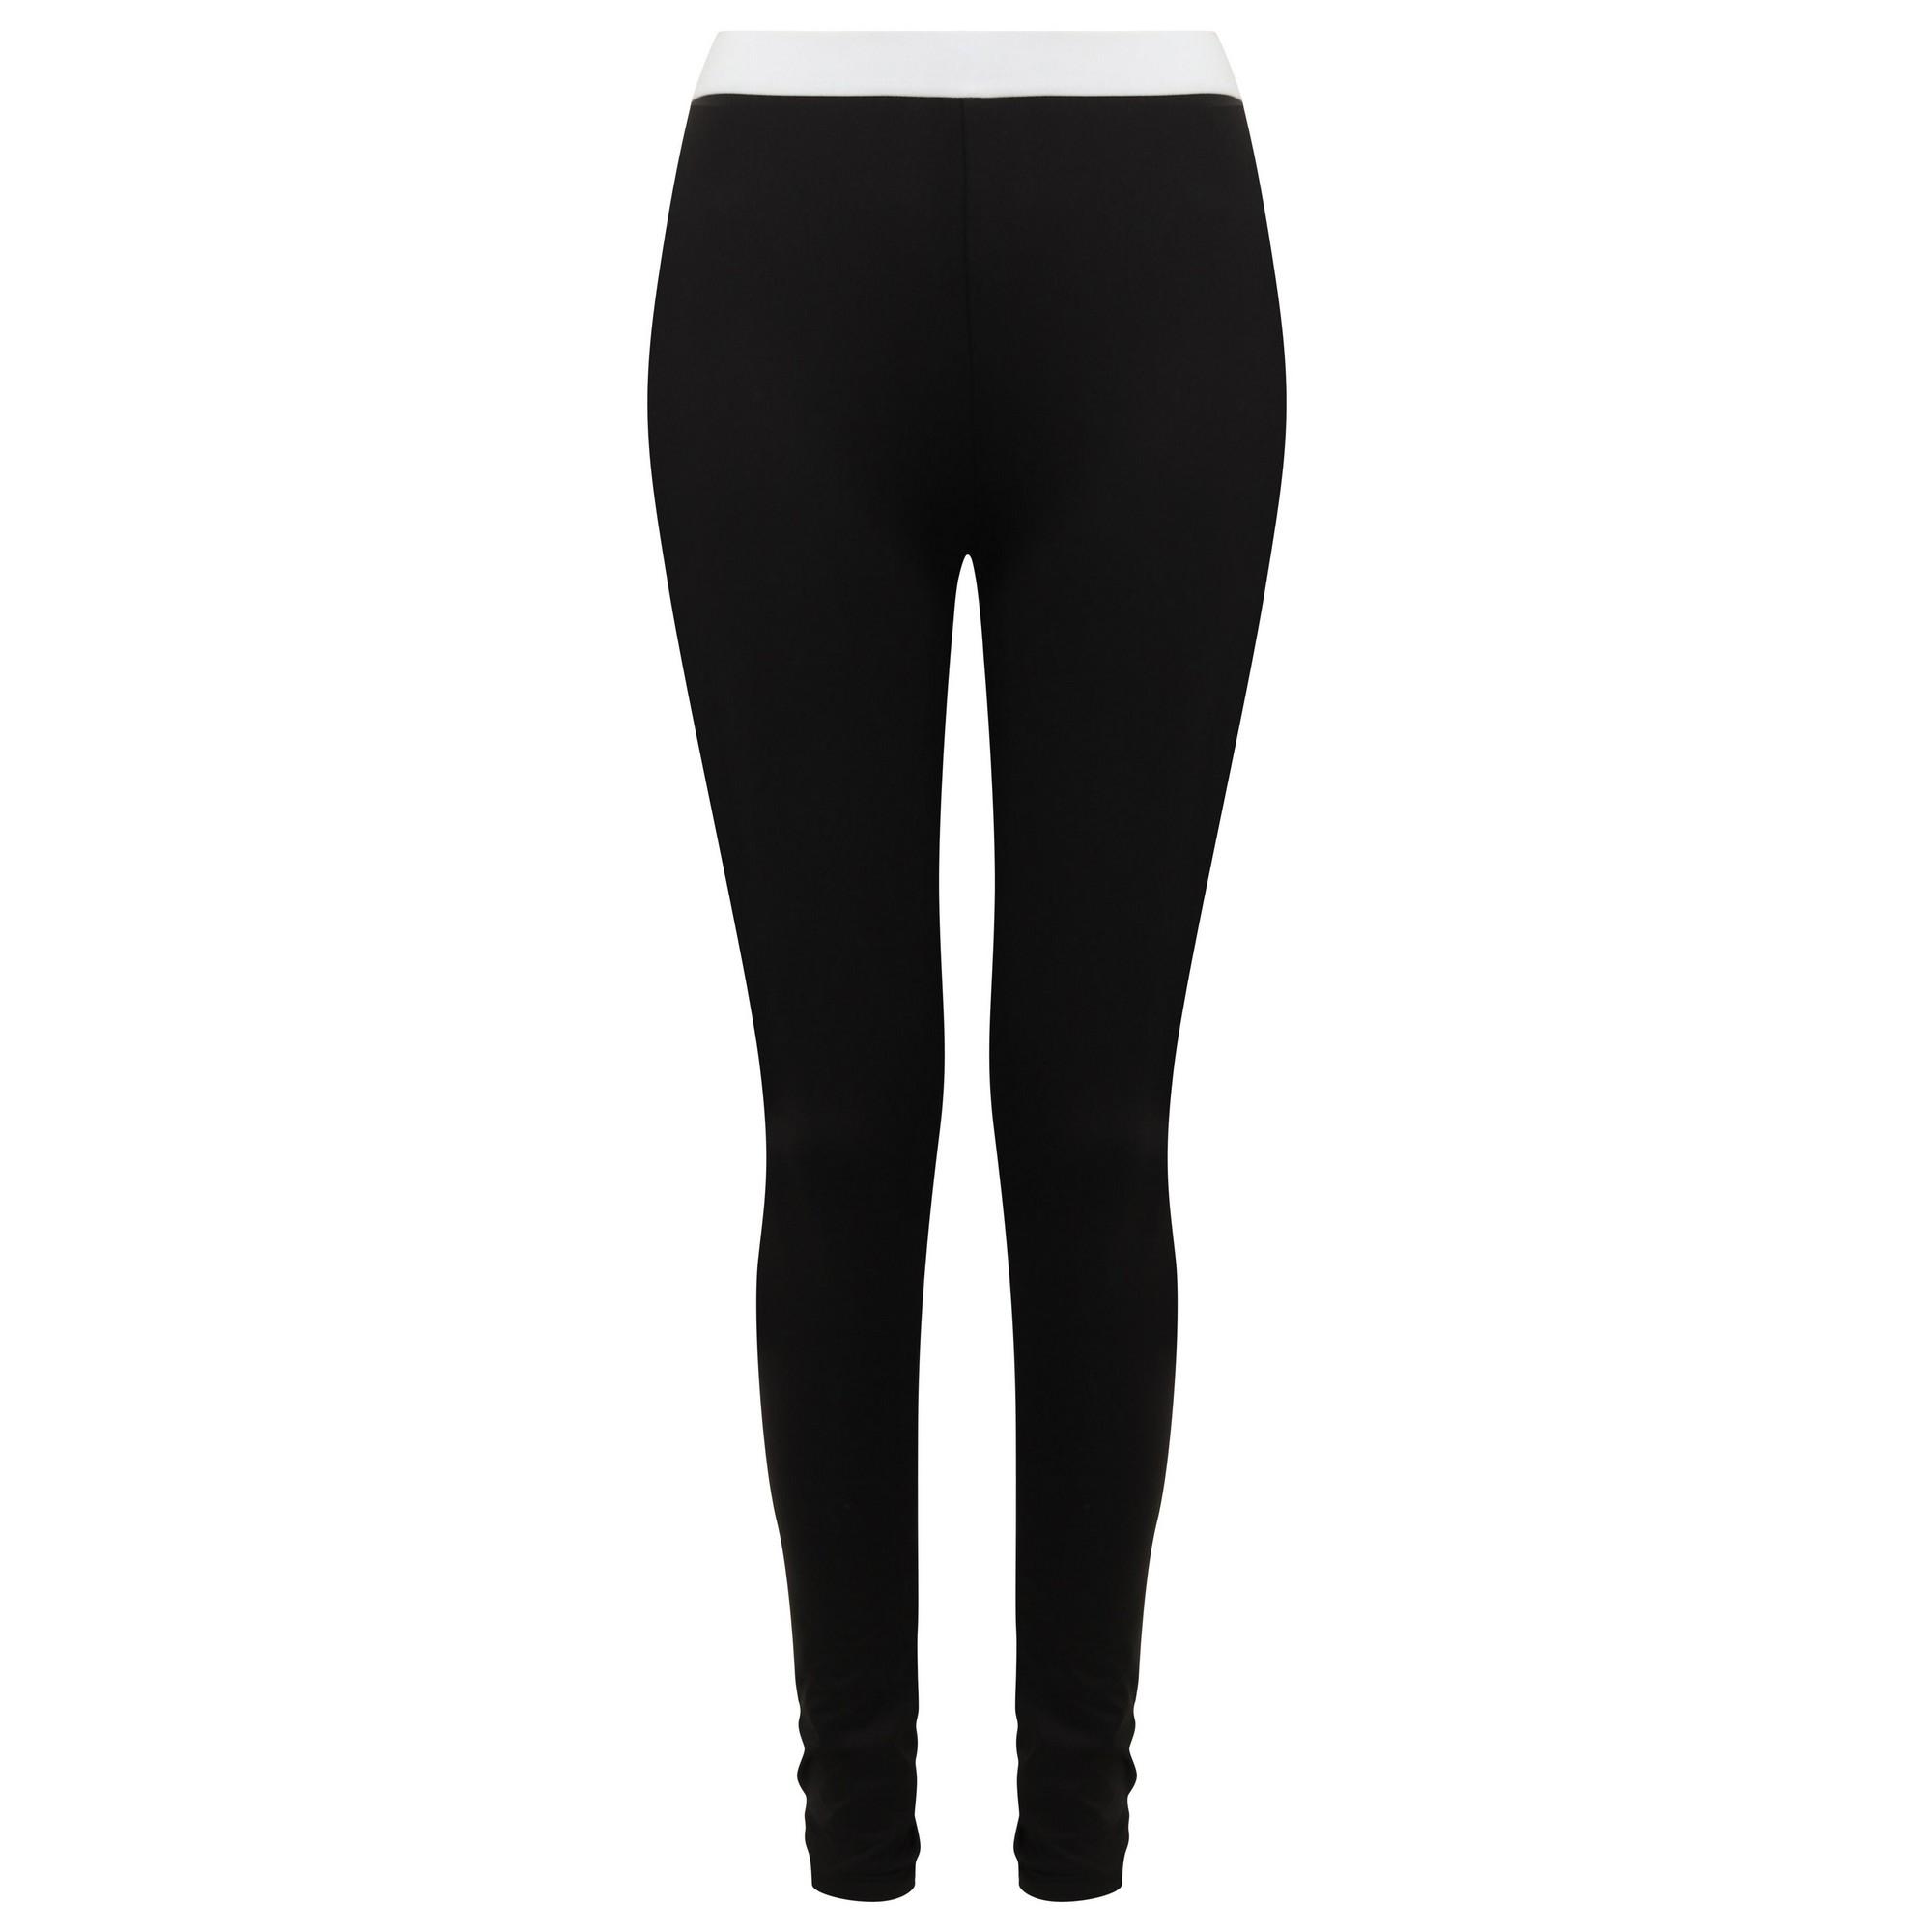 SF Womens/Ladies Fashion Leggings (S) (Black/White)